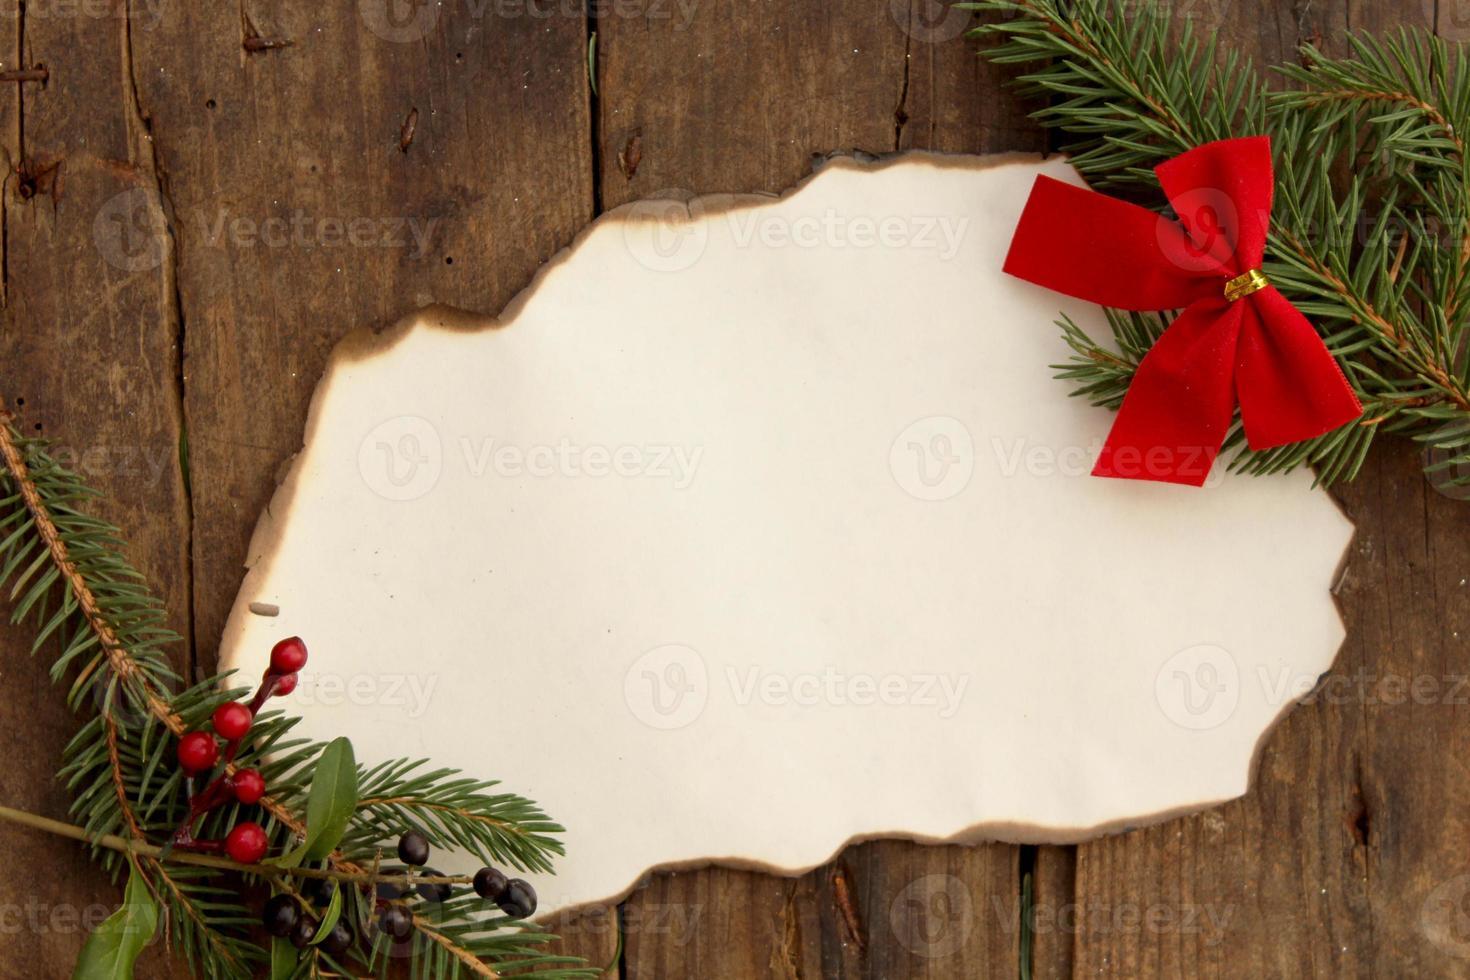 Weihnachtshintergrund mit Papierband - Kopierraum für Text foto